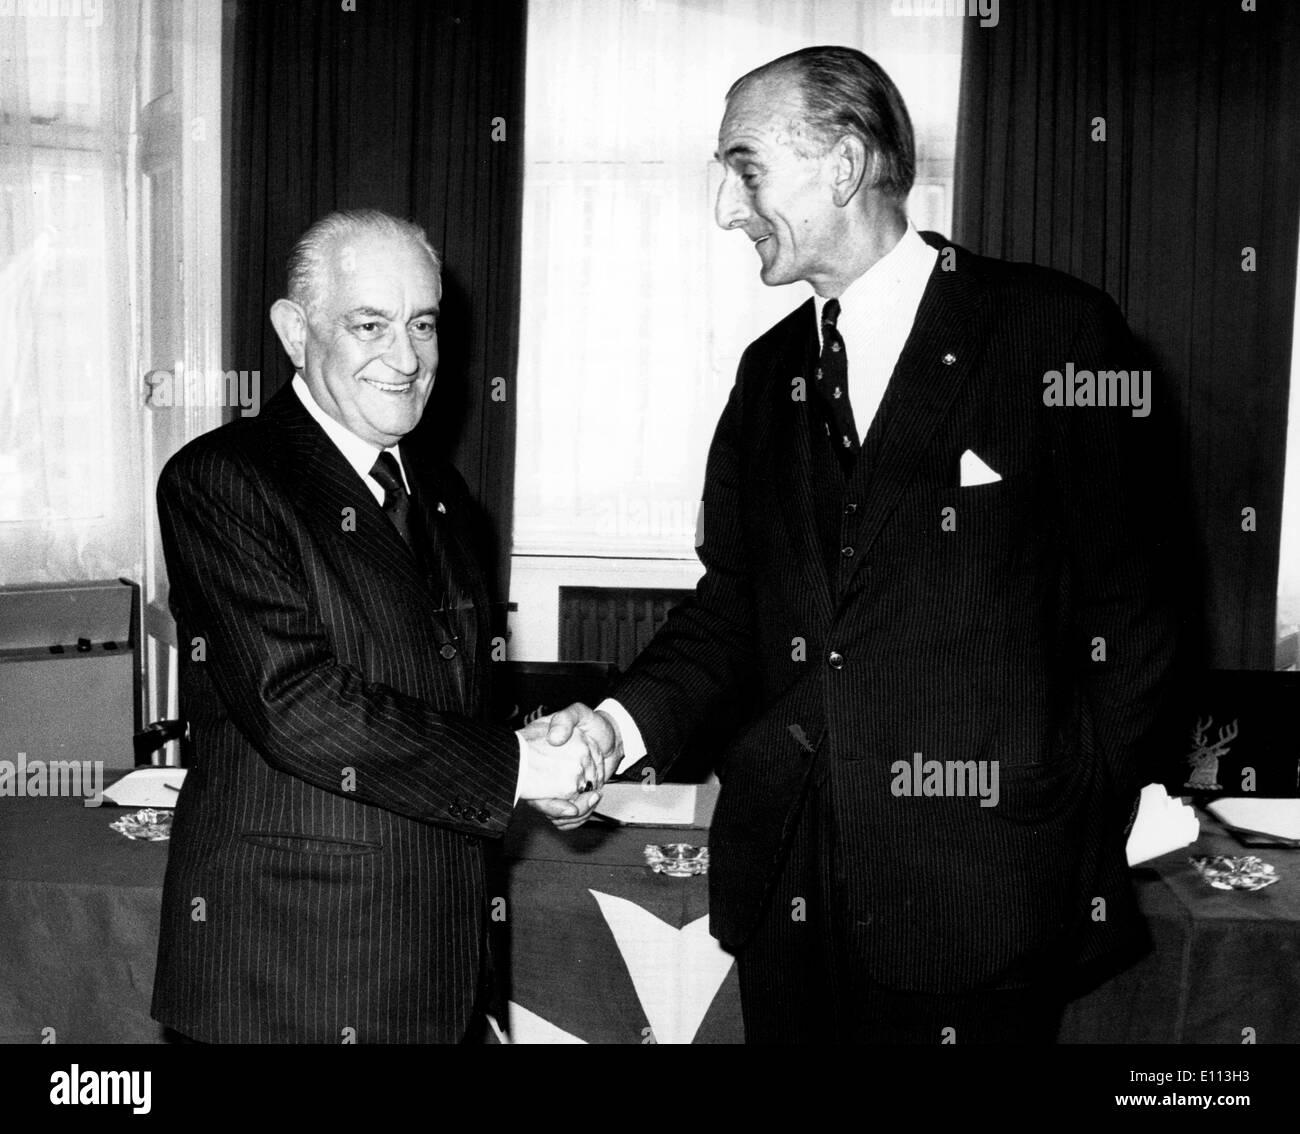 8 Oktober 1975 London Uk Anlasslich Die Hundertjahrfeier Der